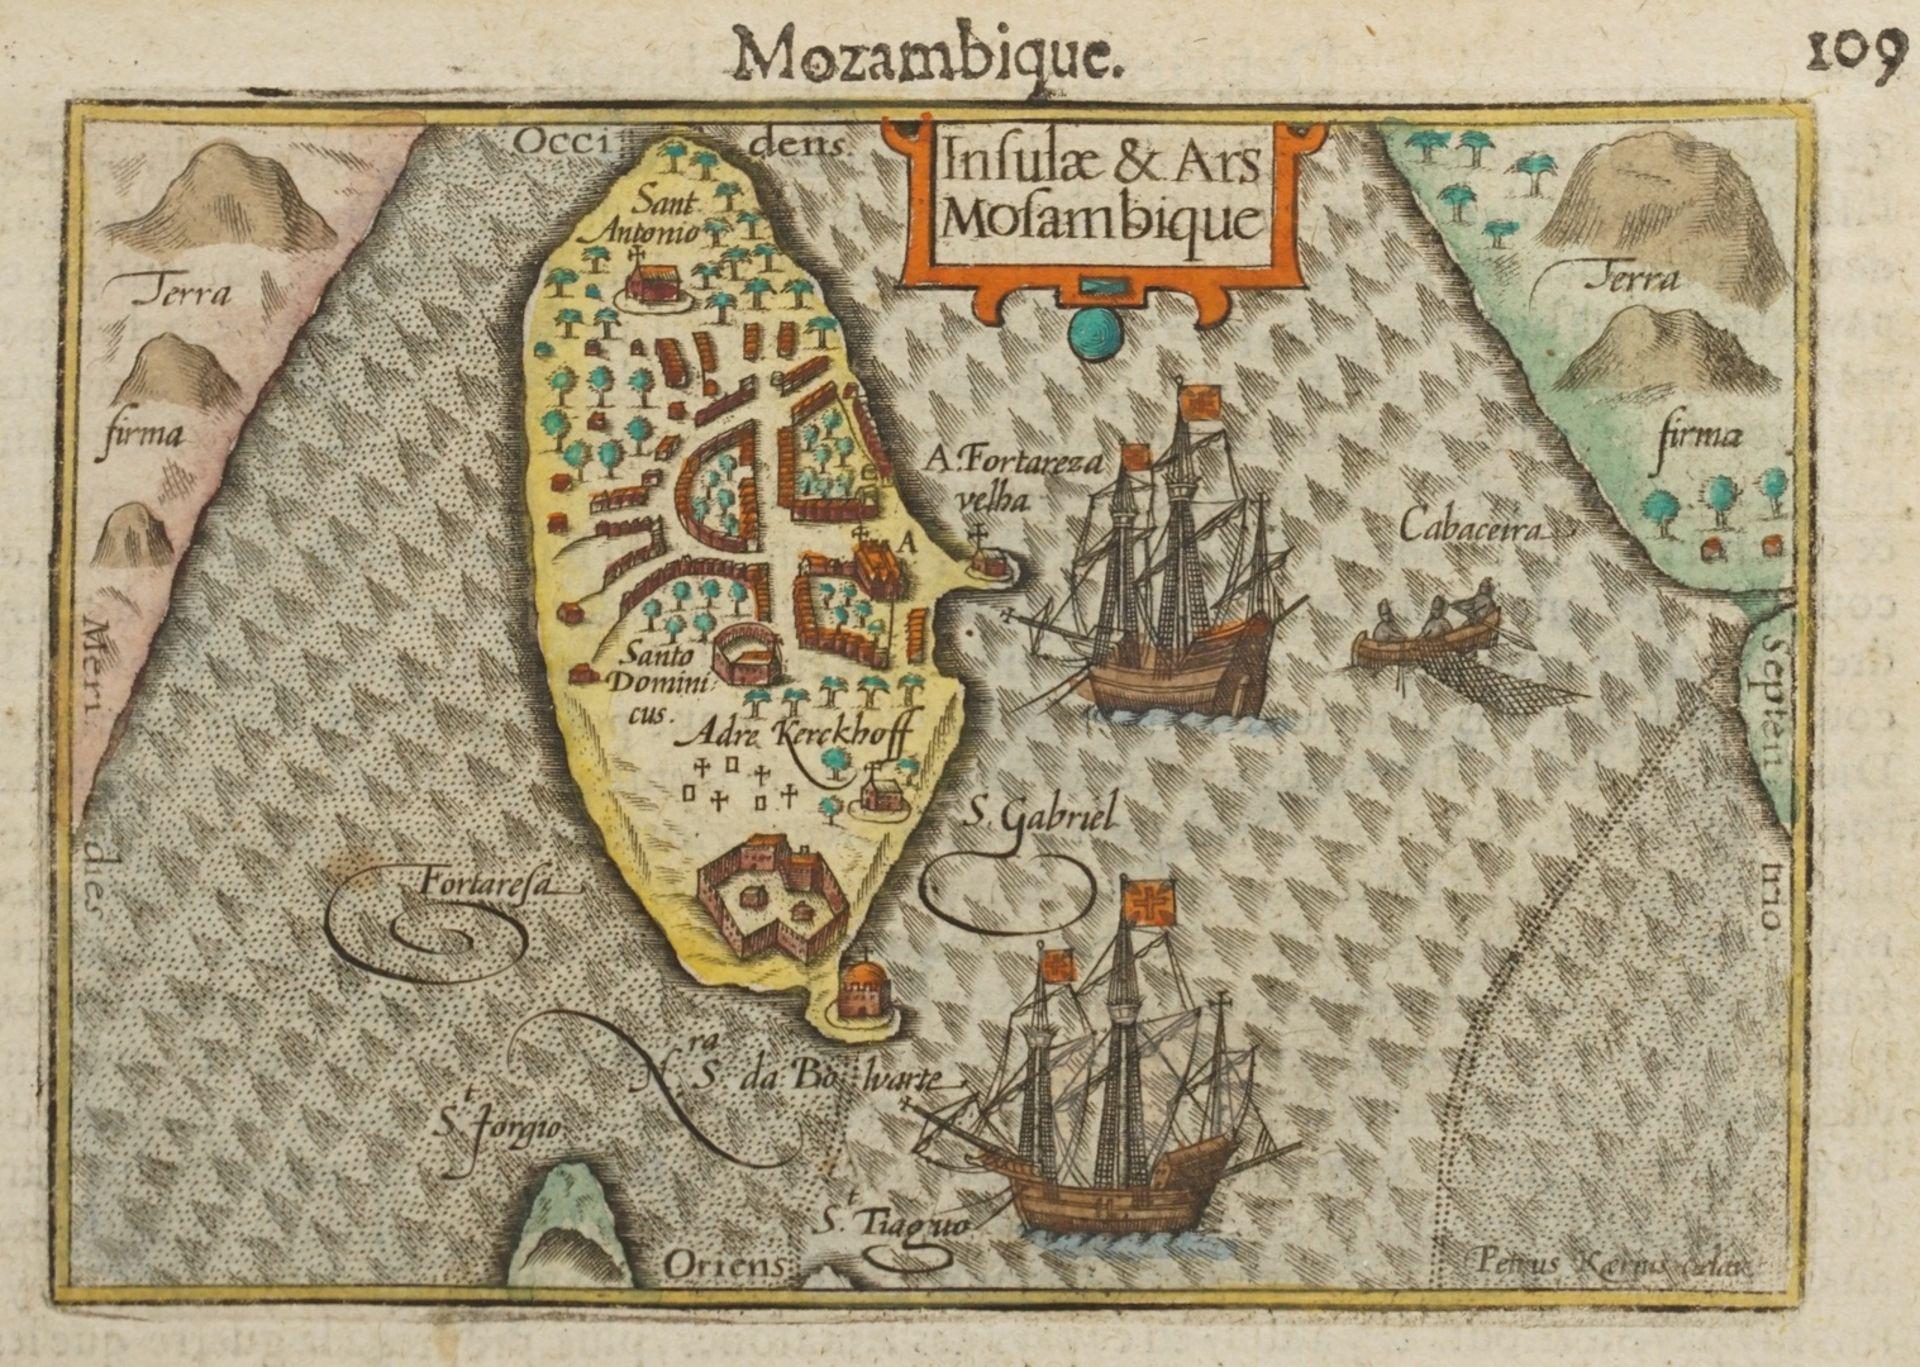 """Pieter van den Keere, """"Mozambique. Insulae & Ars Mosambique"""" (Landkarte von Mosambik)"""